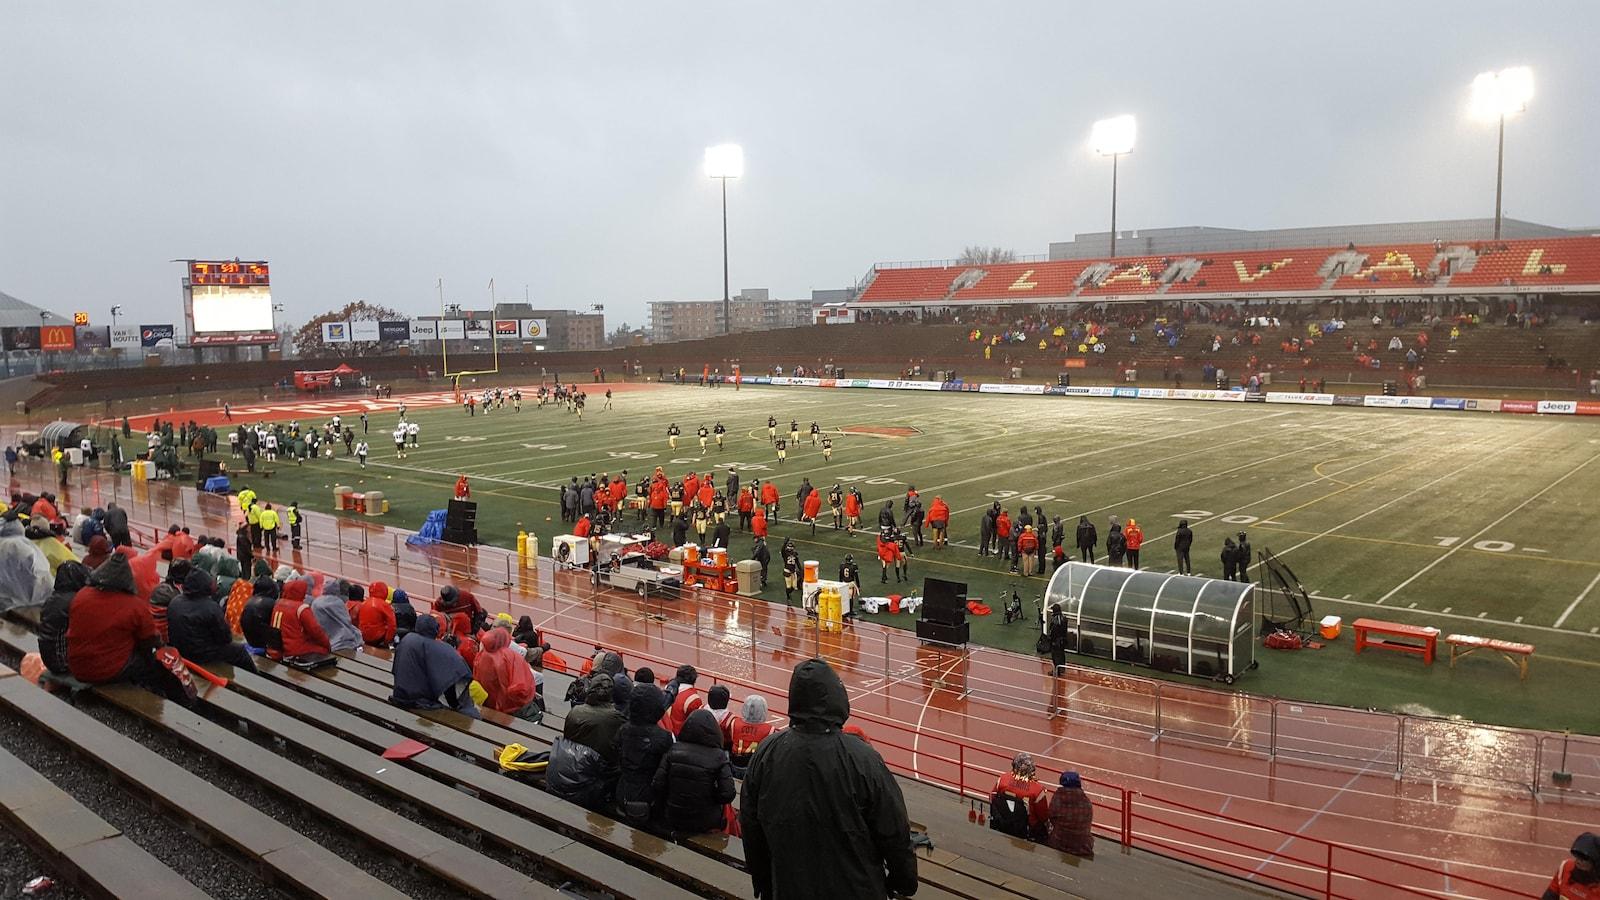 Le match avait lieu au Stade Telus de l'Université Laval